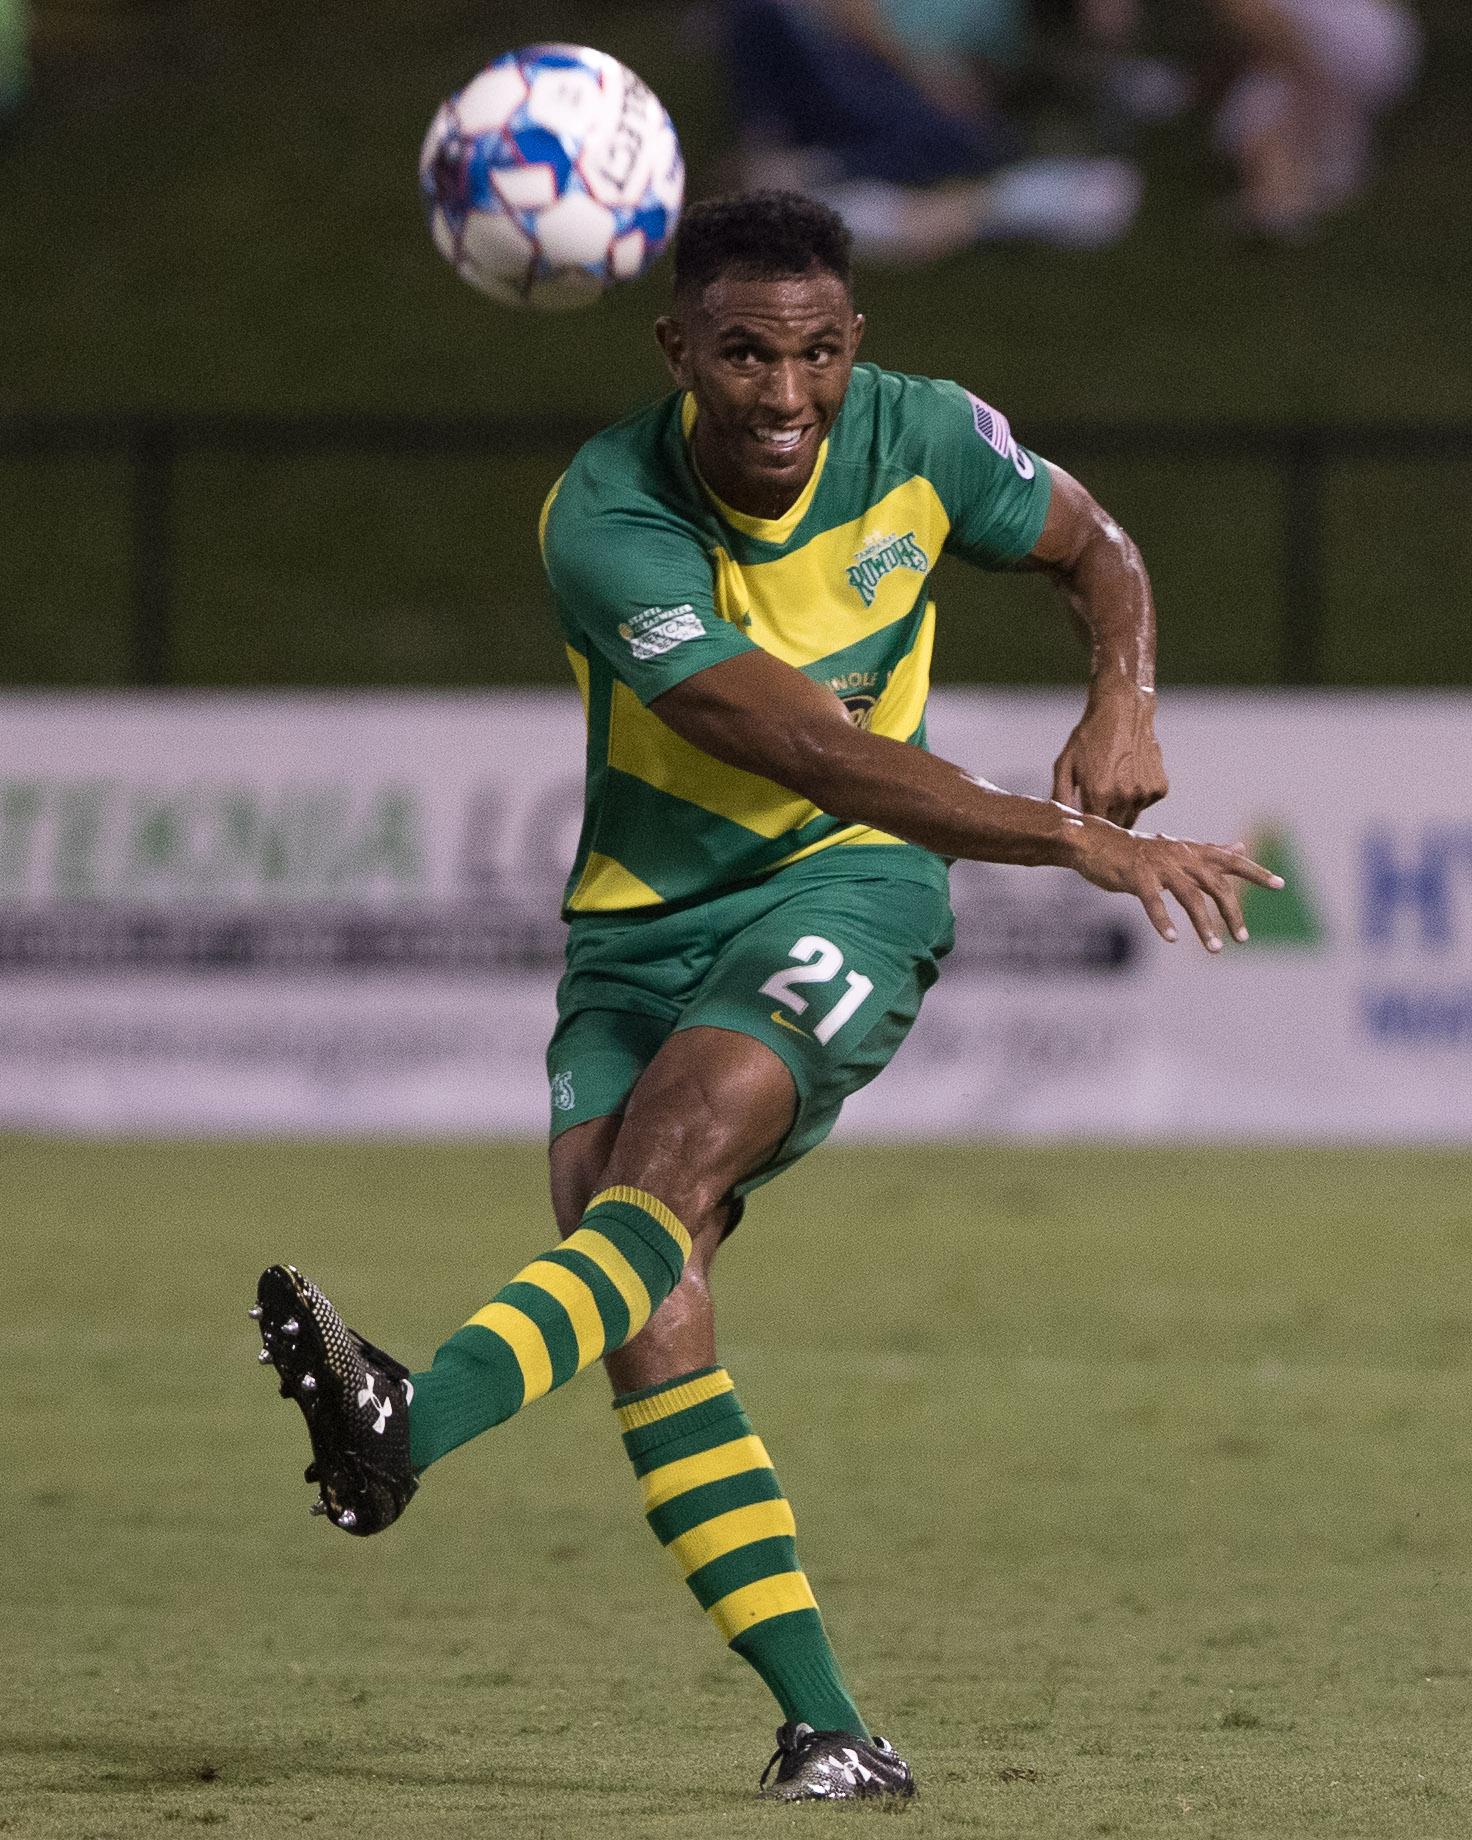 Ivan Magalhaes kicks the ball./STEVEN MUNCIE